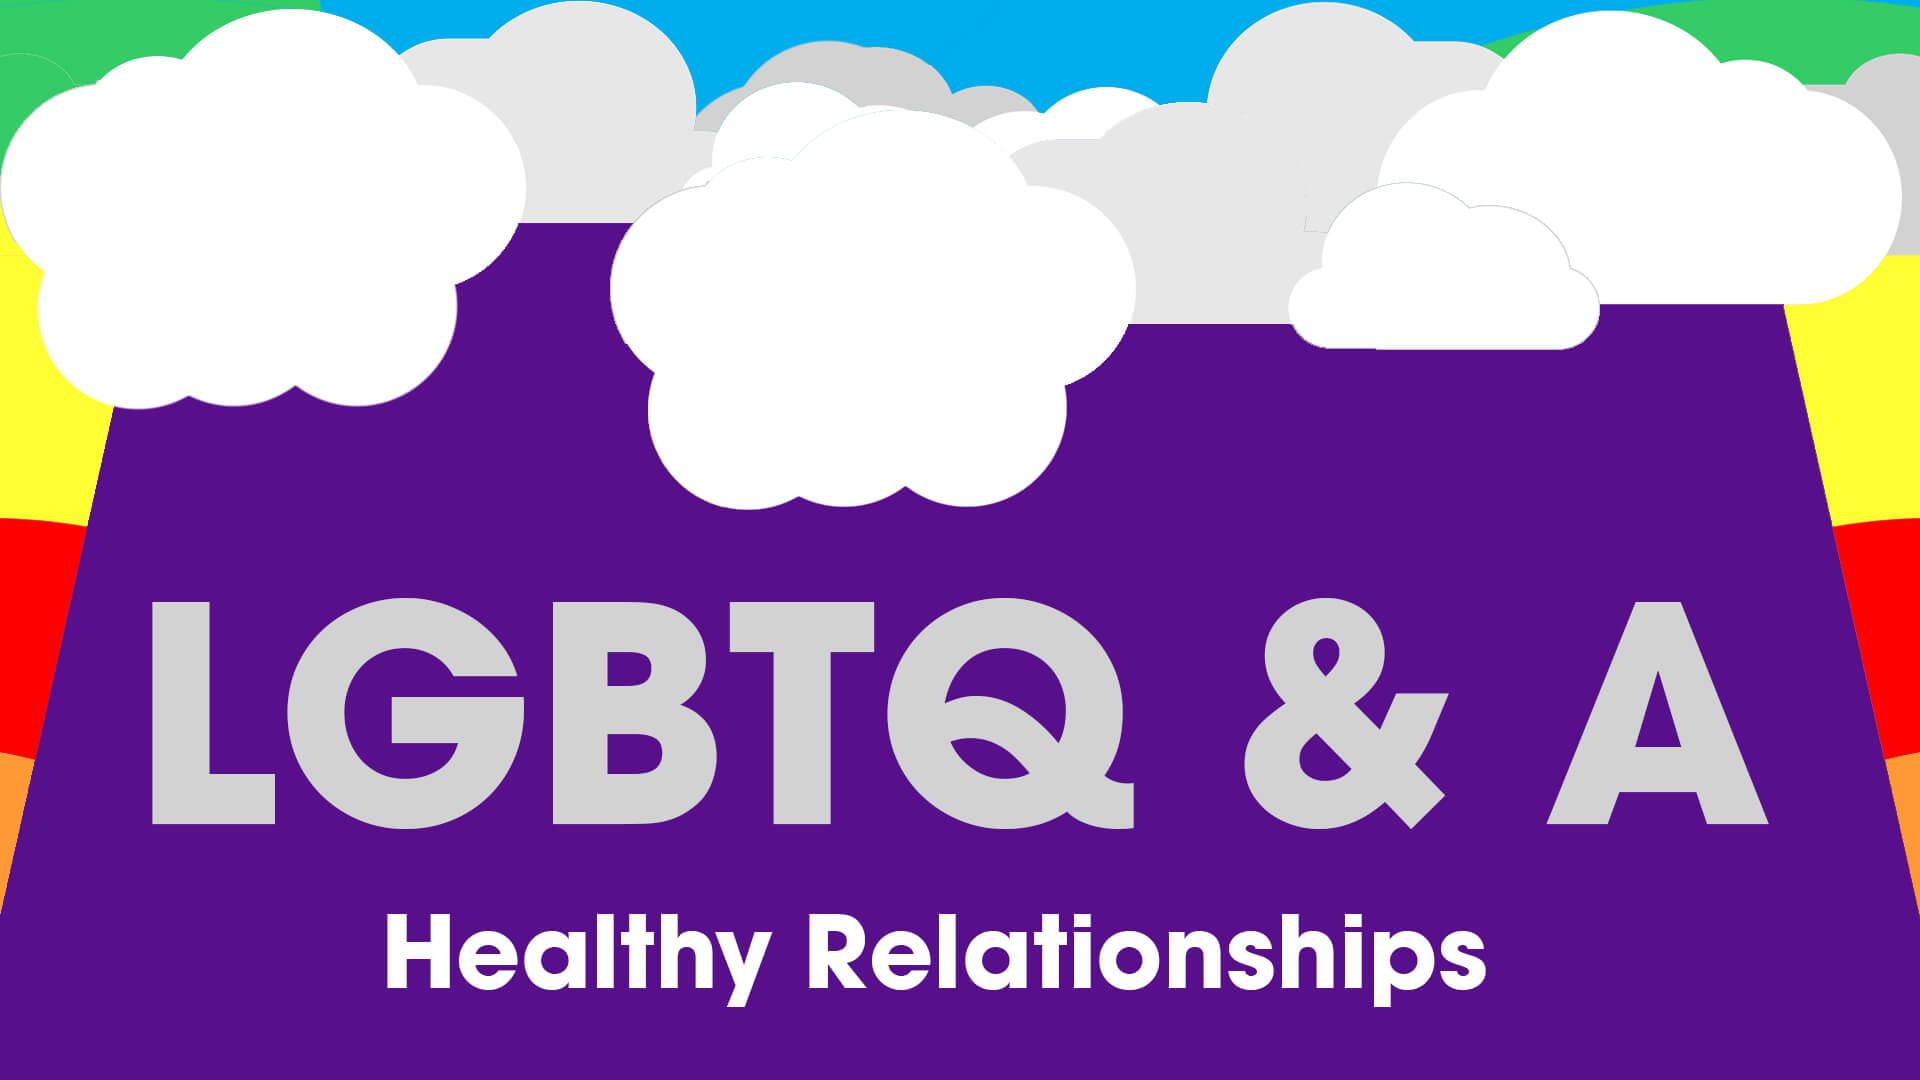 LGBTQ & A